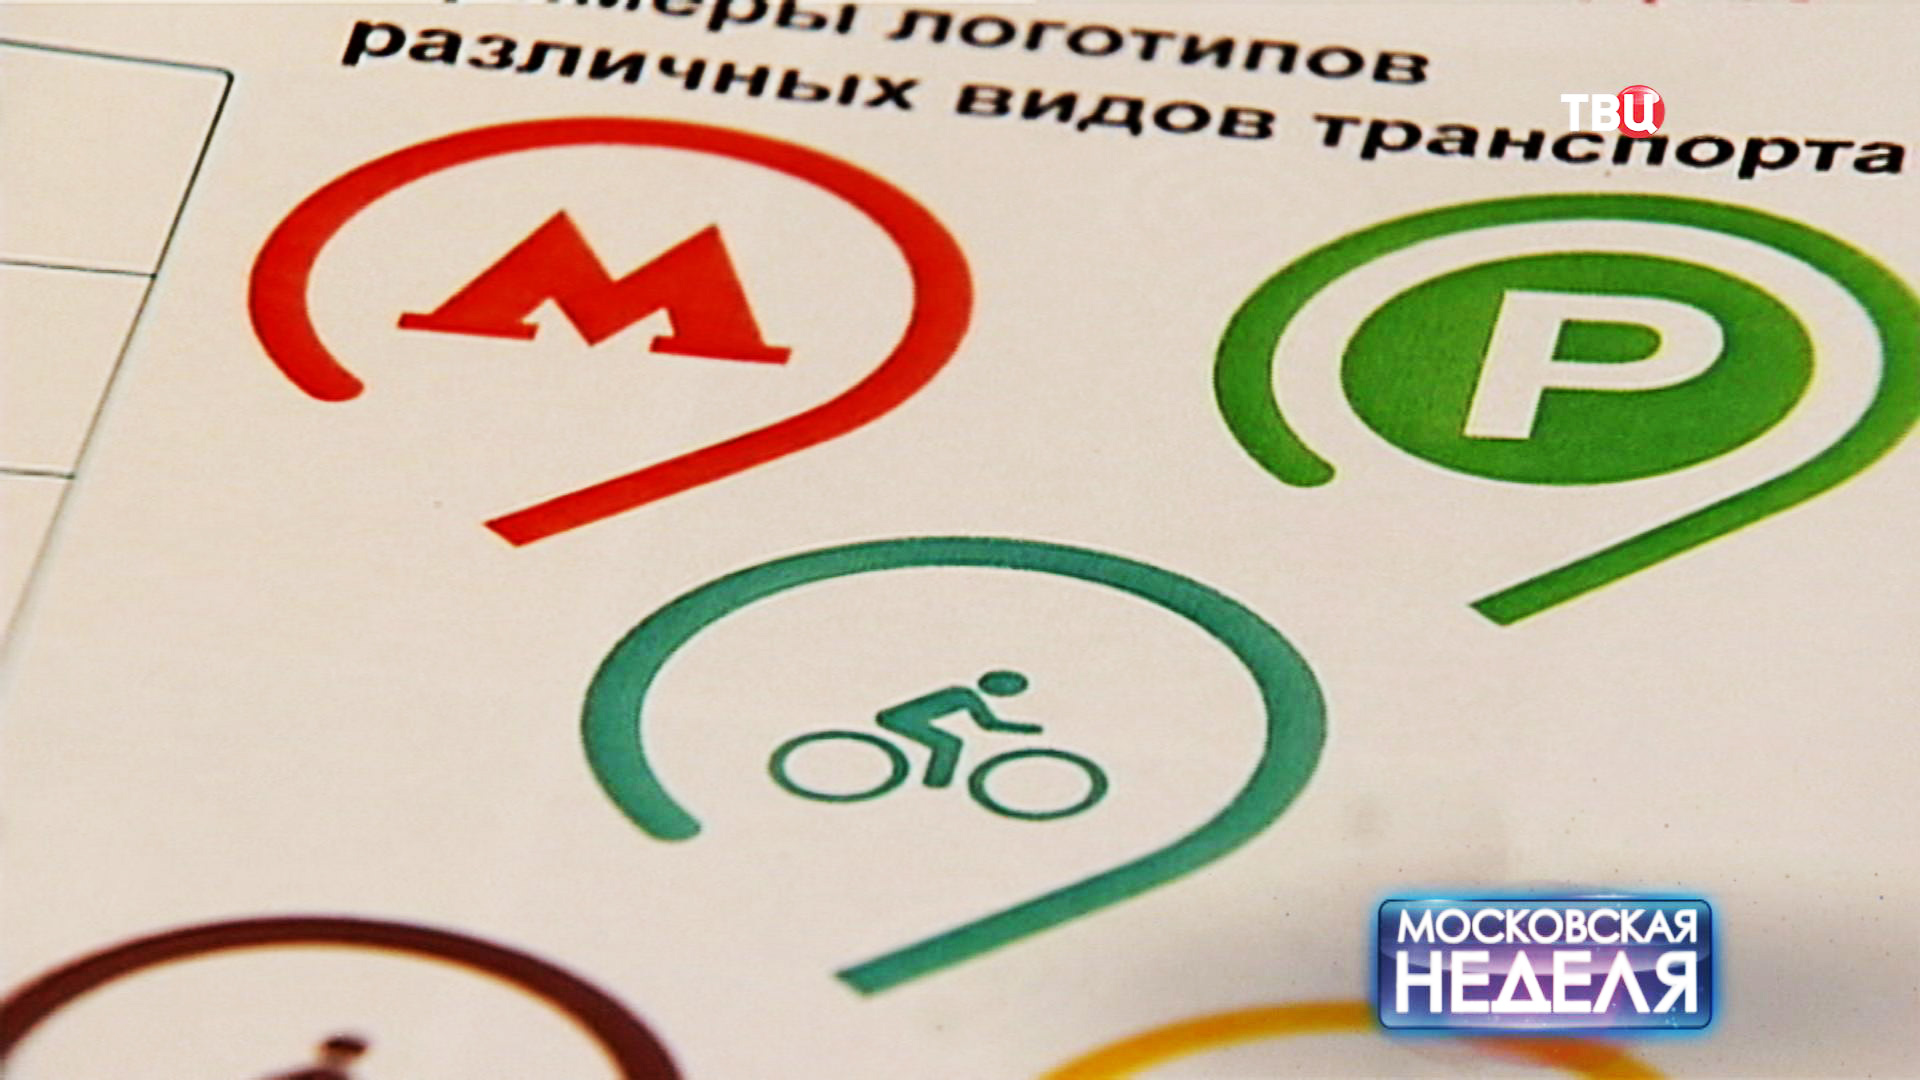 Логотипы различных видов транспорта